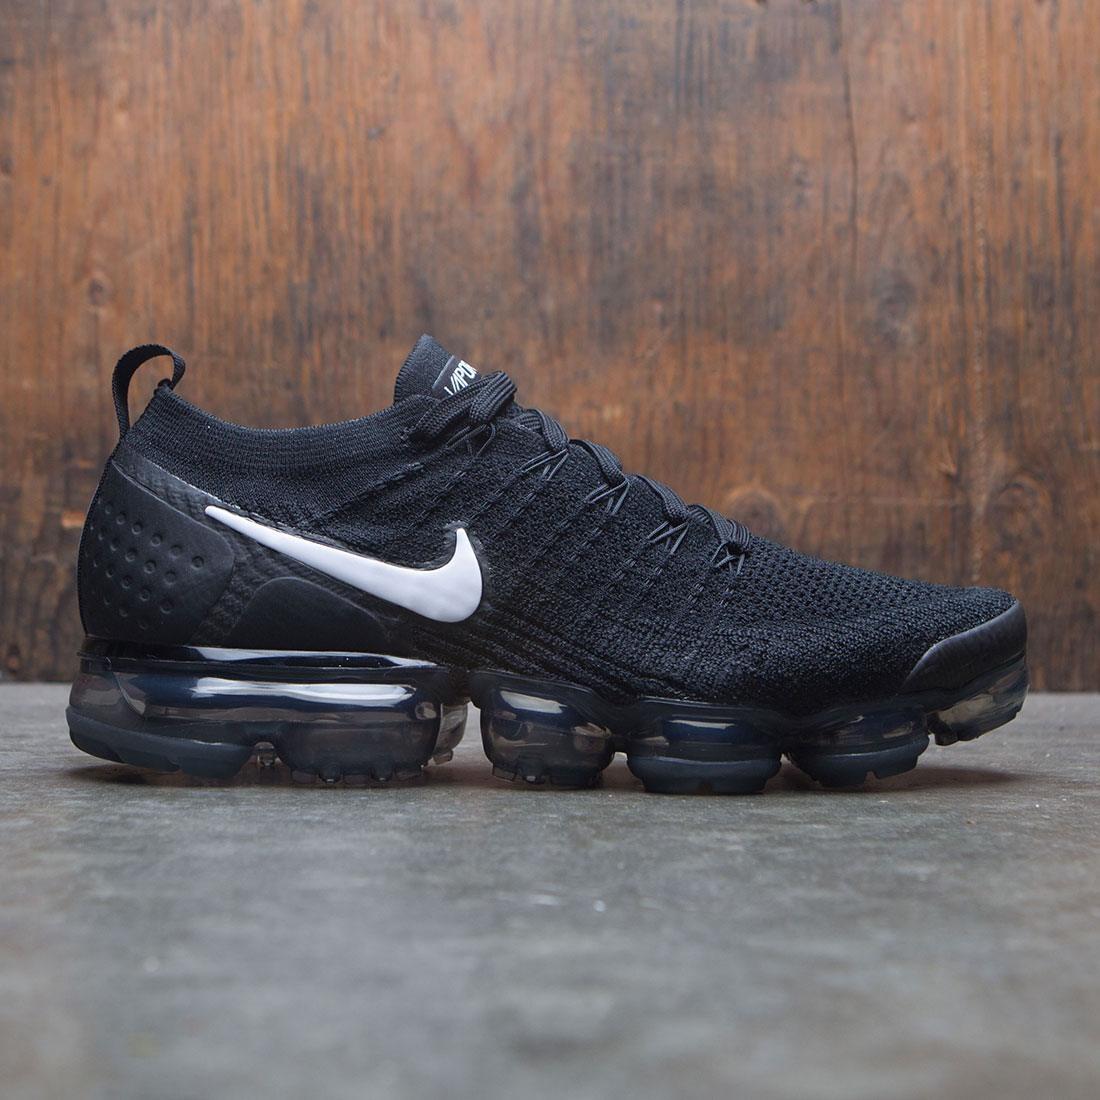 0aae39fdc535 ... running shoes  nike men air vapormax flyknit 2 (black white dark grey  metallic silver)